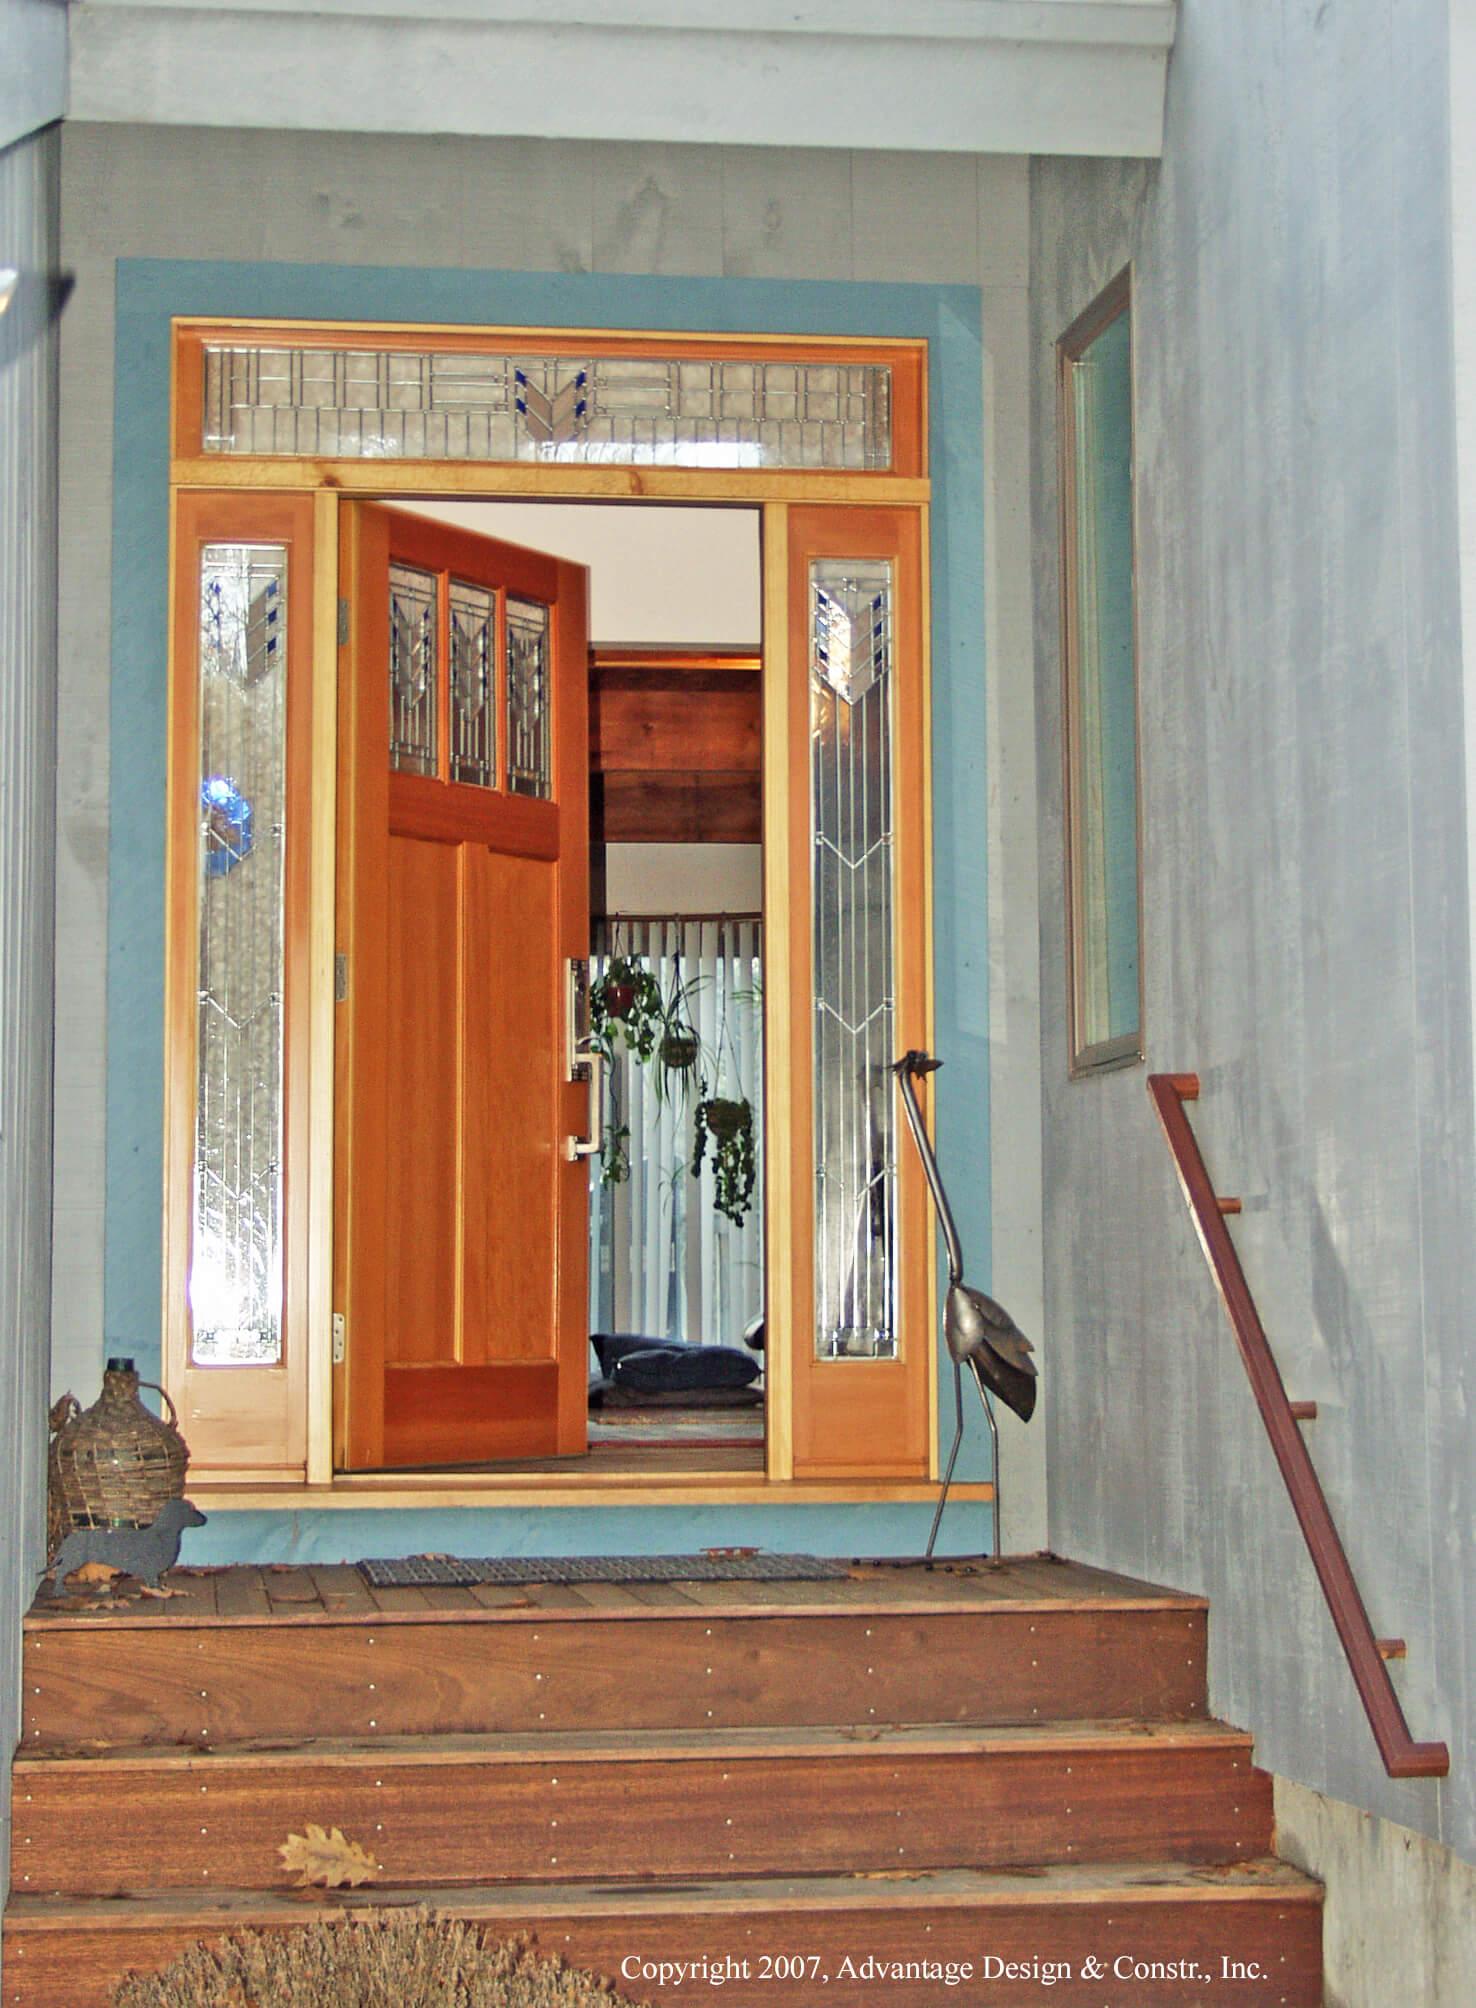 Stairway leading to open door